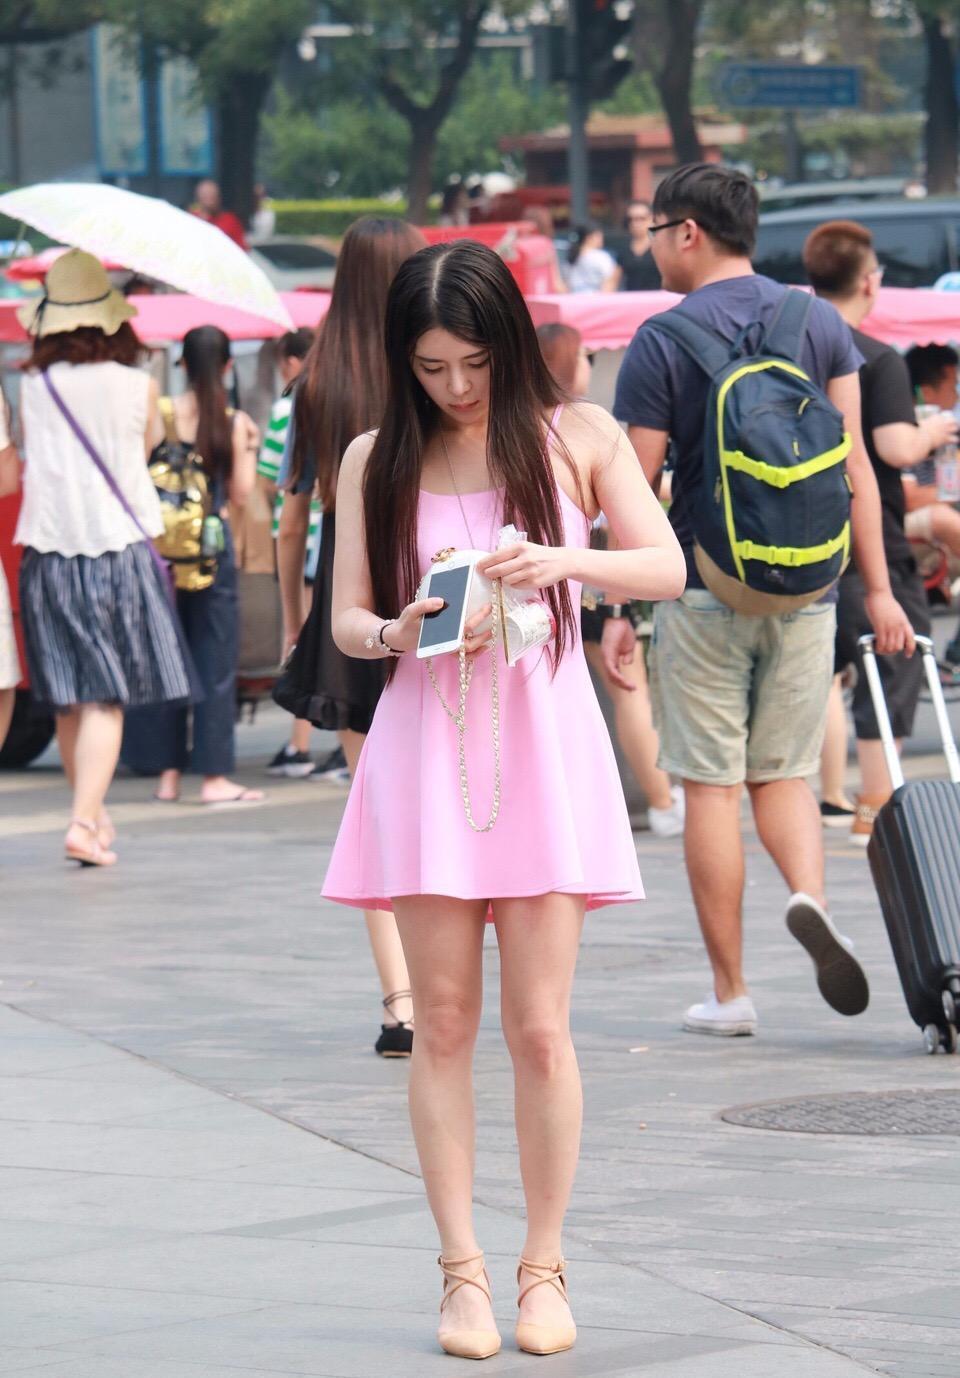 街拍: 粉色连衣裙搭配可爱手饰的美女带明星气质